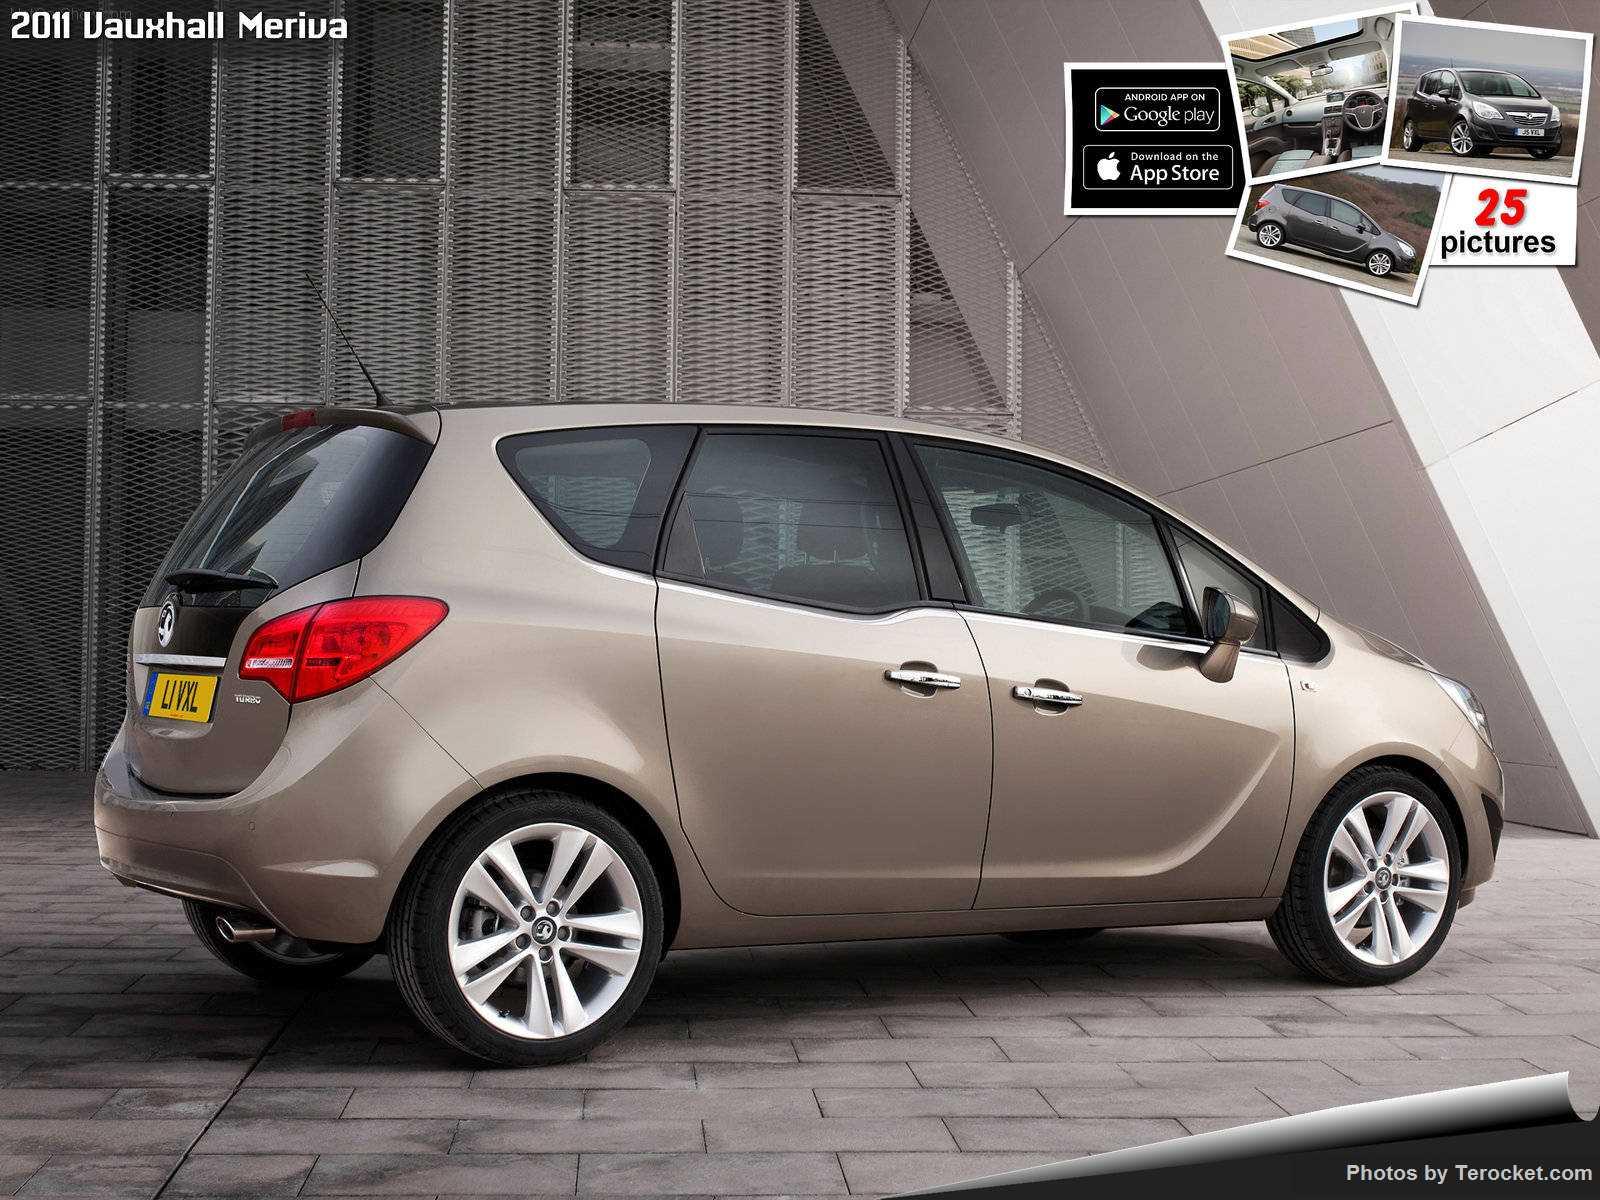 Hình ảnh xe ô tô Vauxhall Meriva 2011 & nội ngoại thất